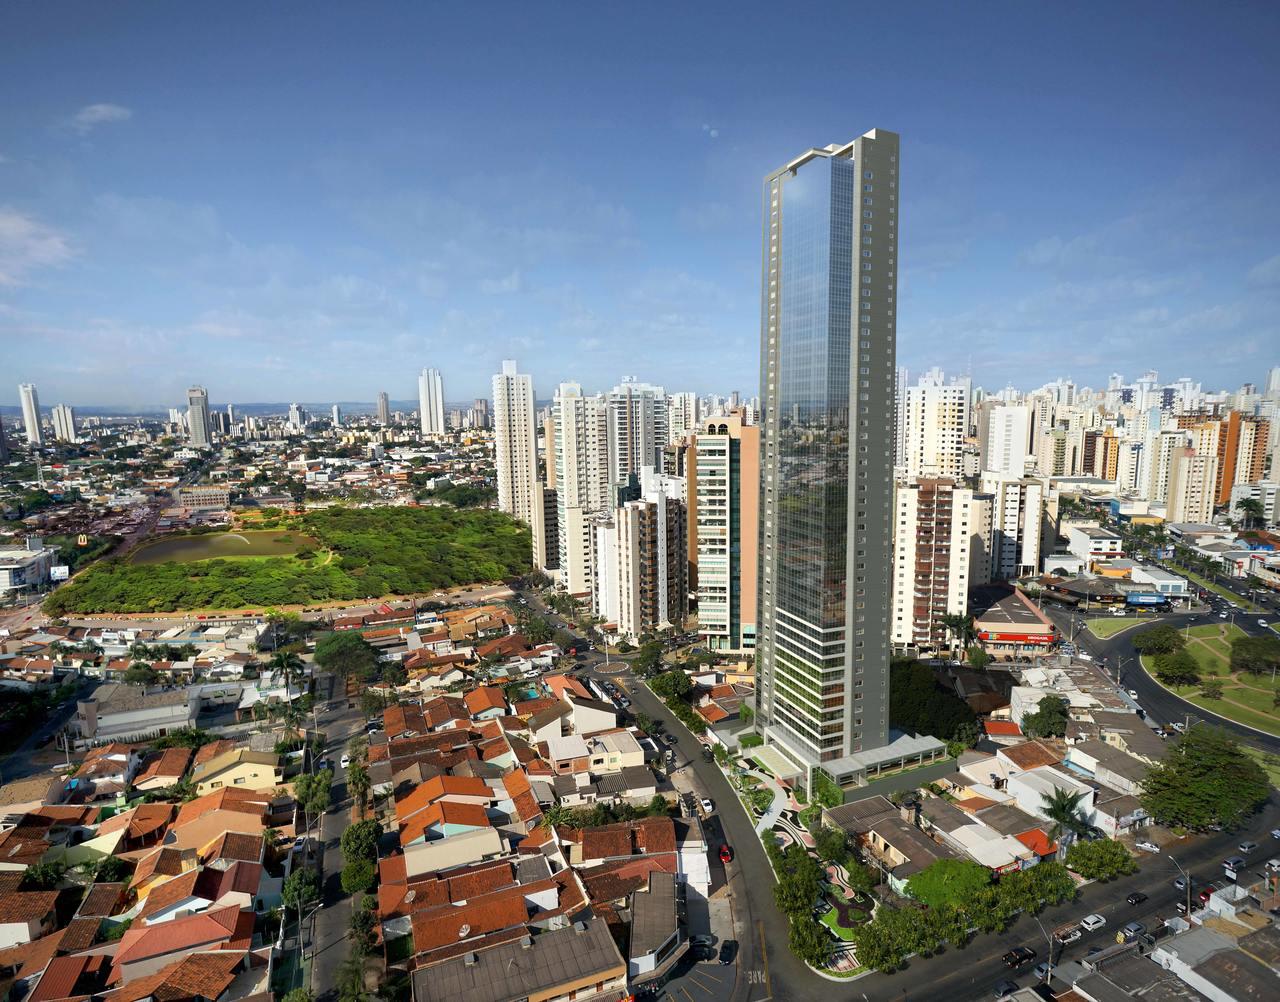 Sete itens de destaque no residencial mais alto do centro-norte